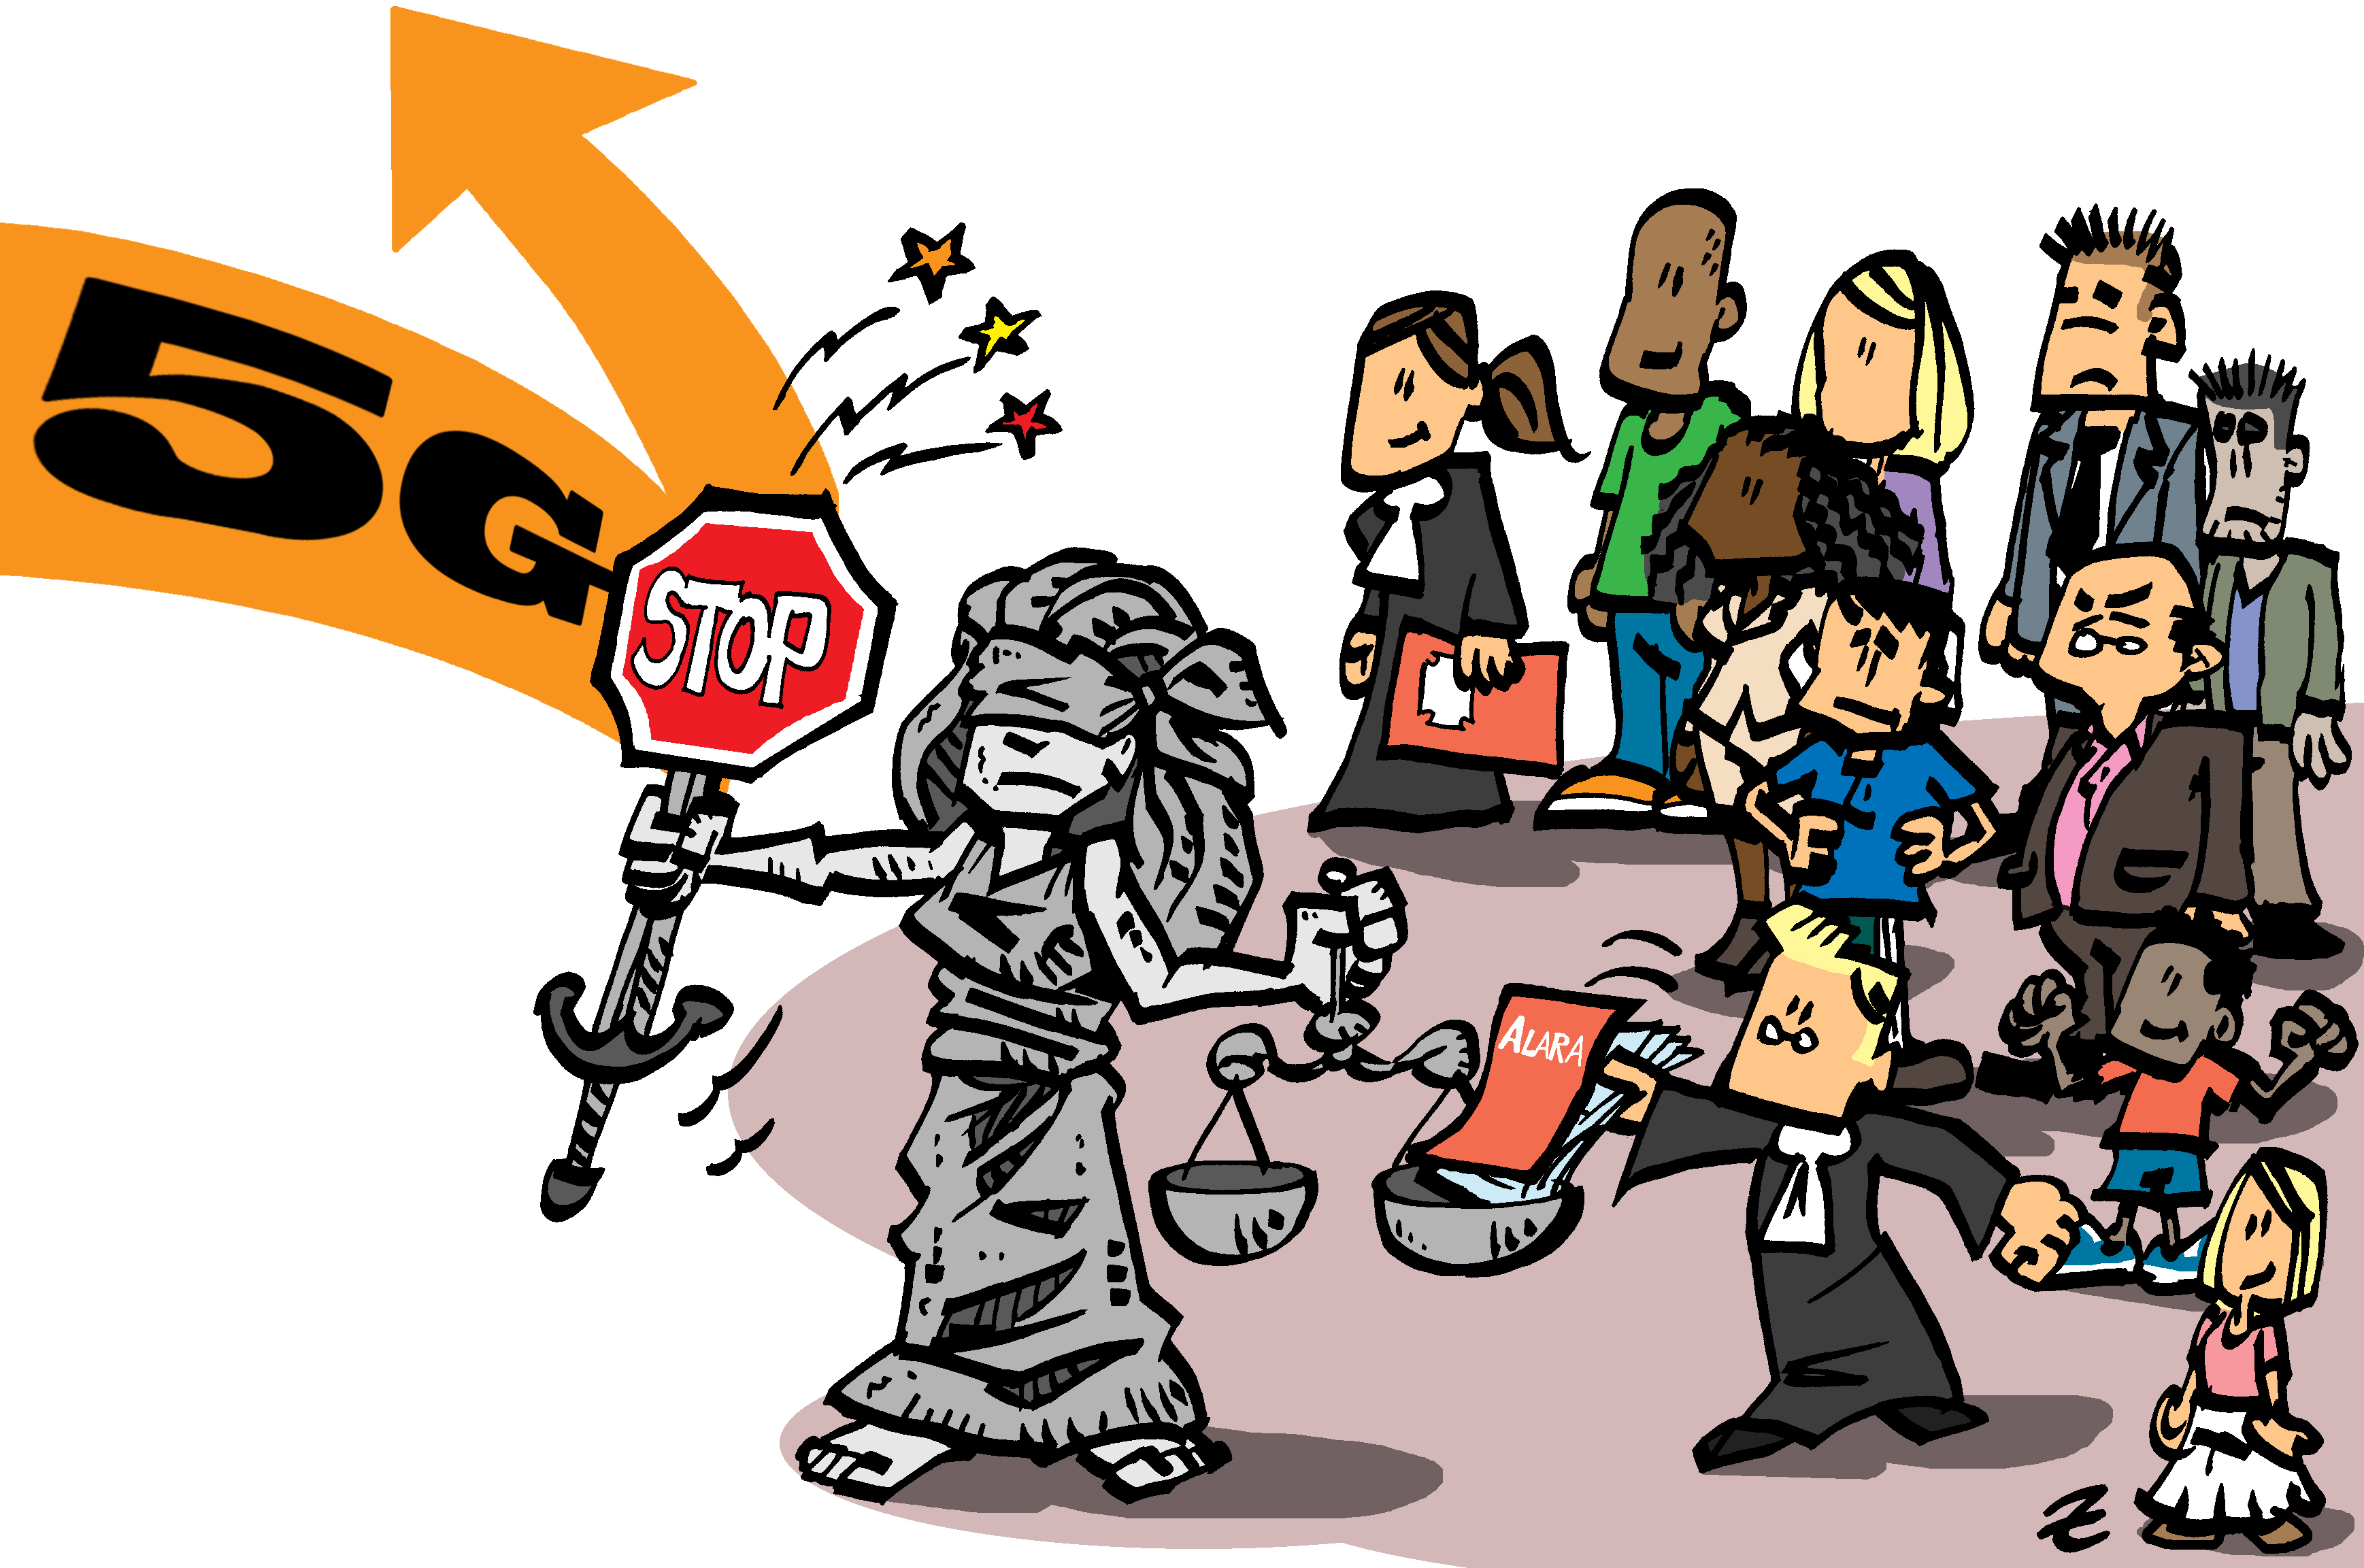 5G : la bataille judiciaire se prépare...